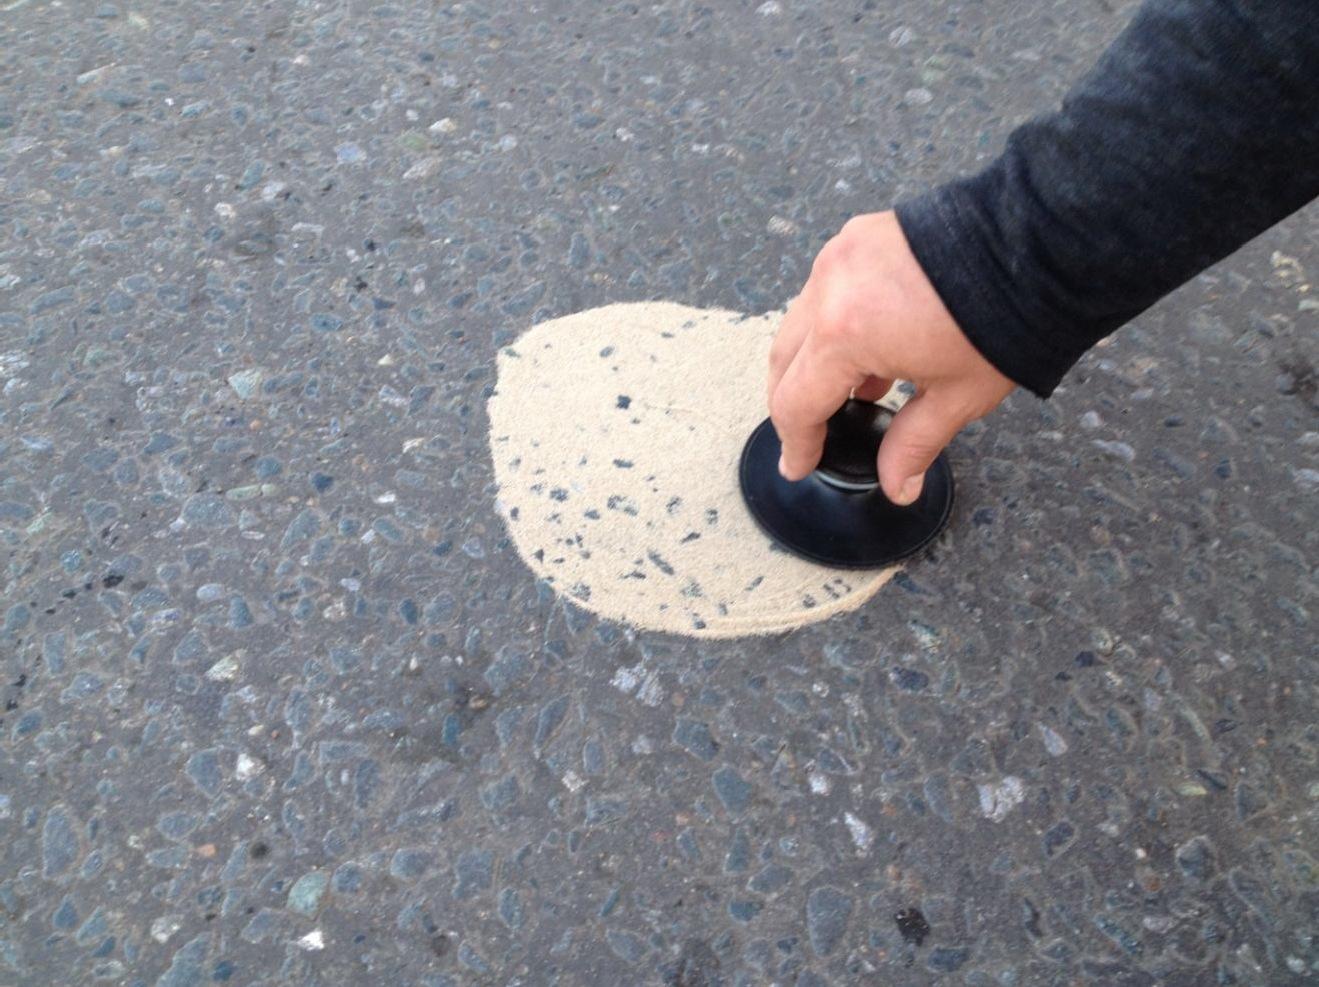 Распределение песка штампом в форму круга